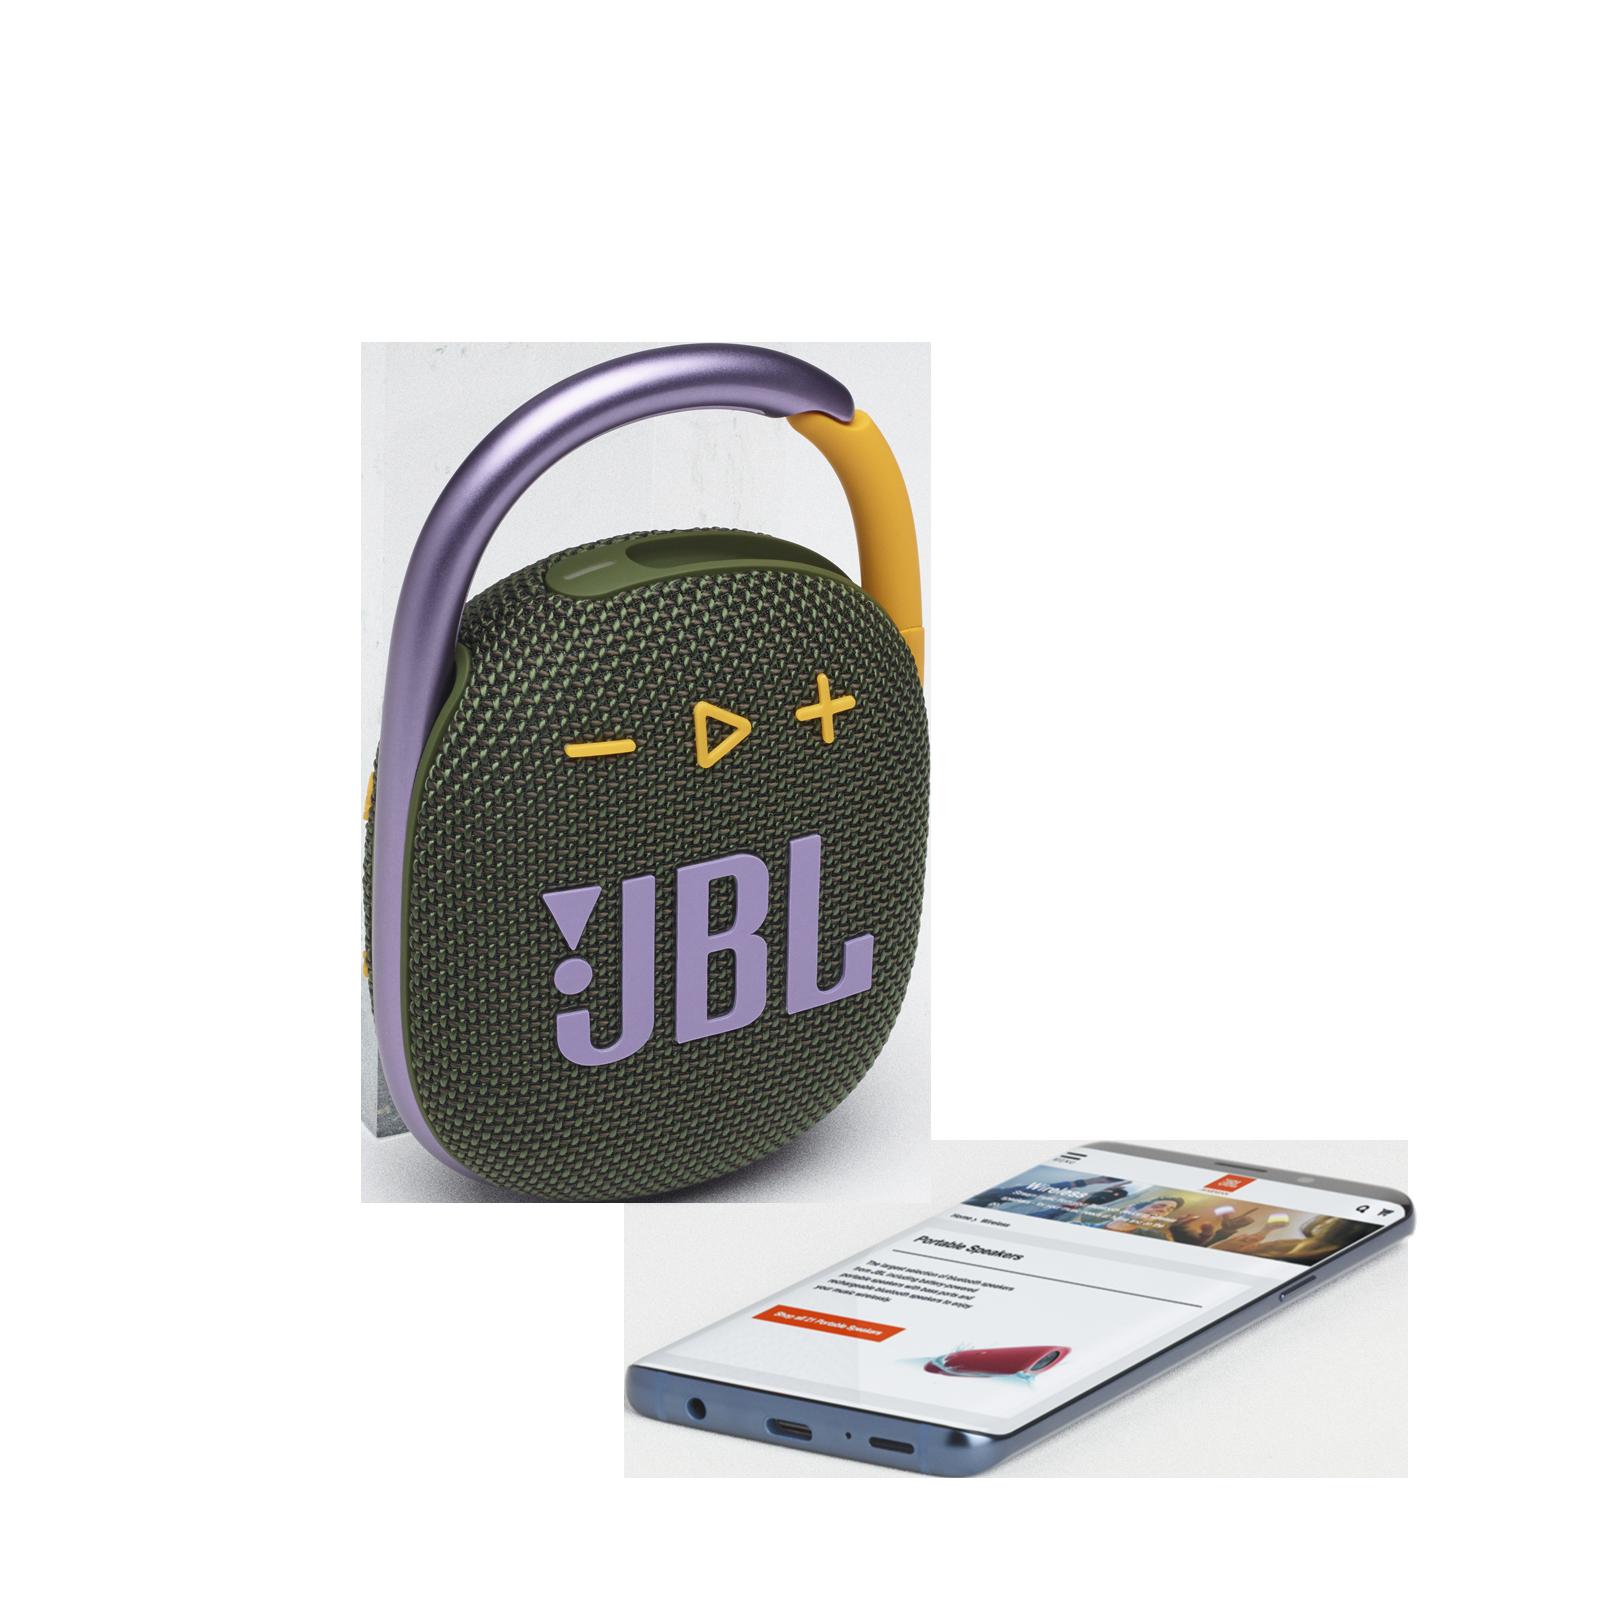 JBL CLIP 4 - Green - Ultra-portable Waterproof Speaker - Detailshot 1